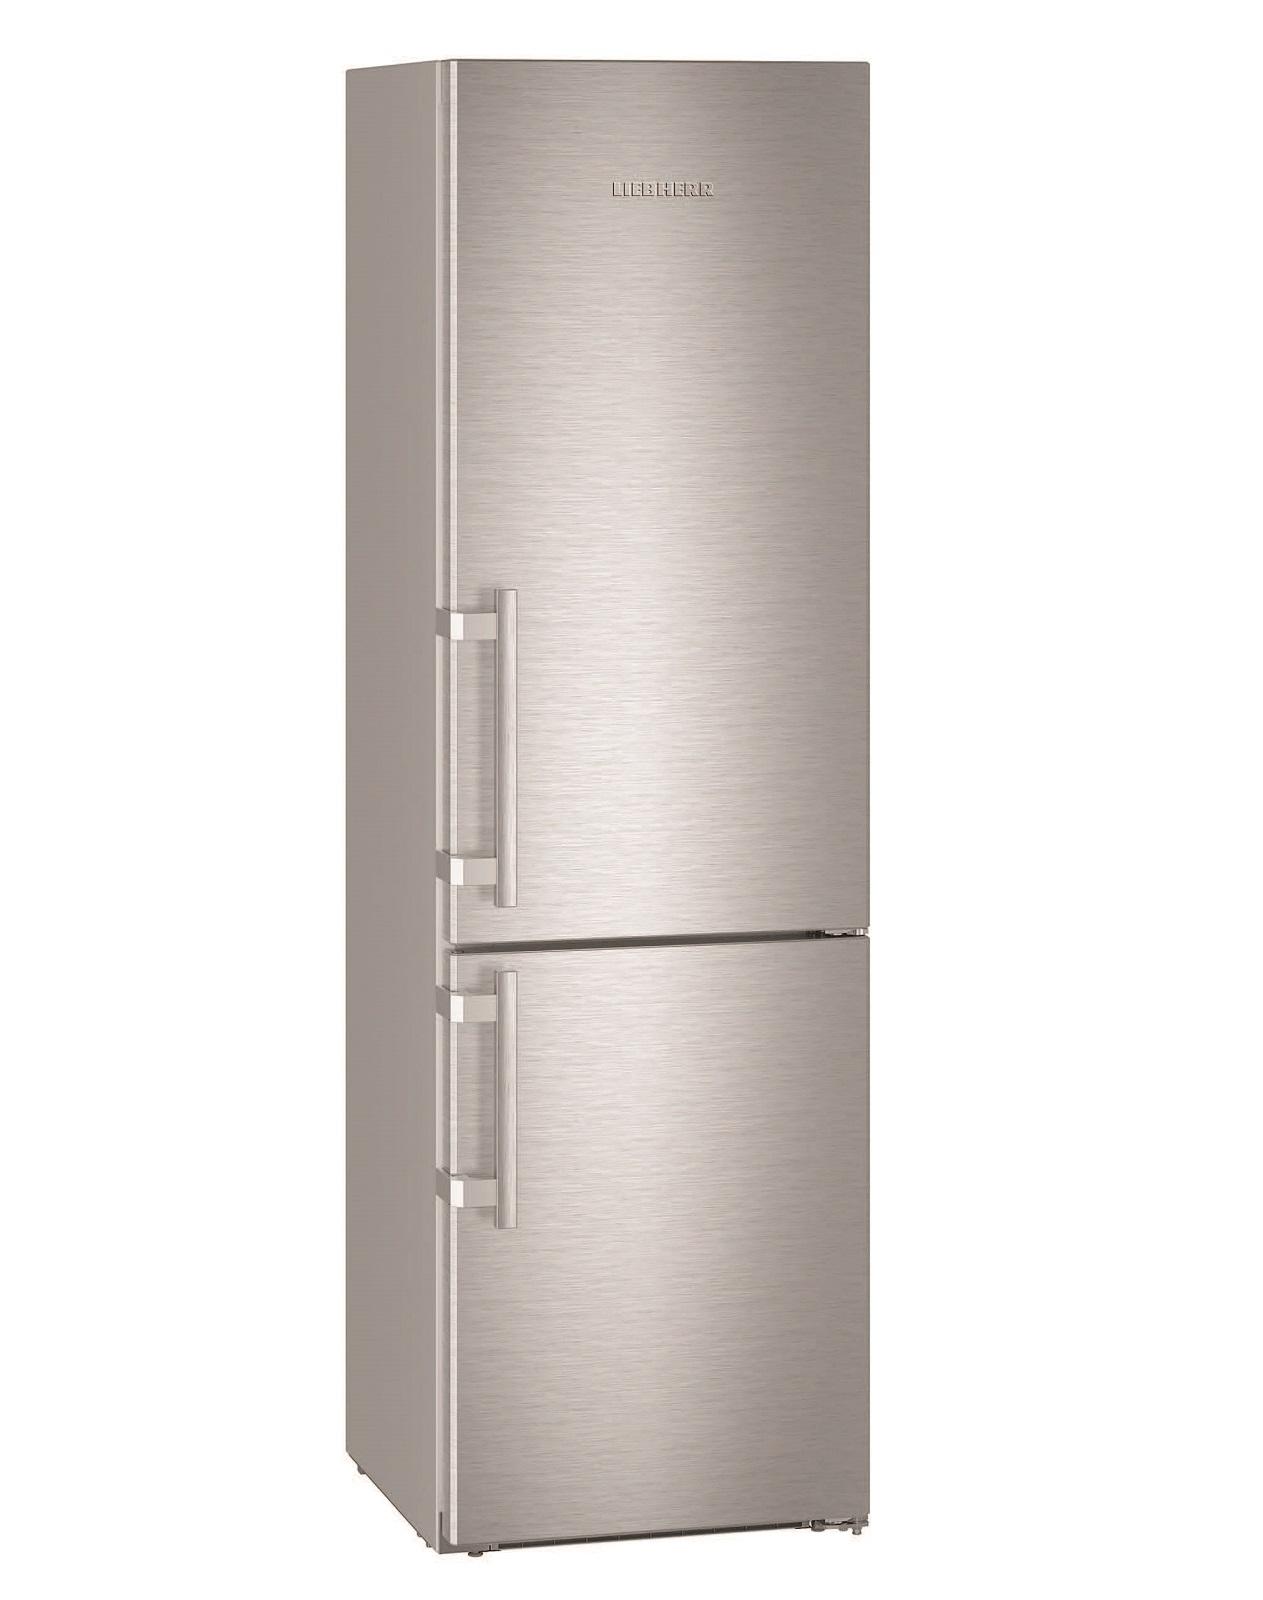 купить Двухкамерный холодильник Liebherr CNef 4845 Украина фото 4